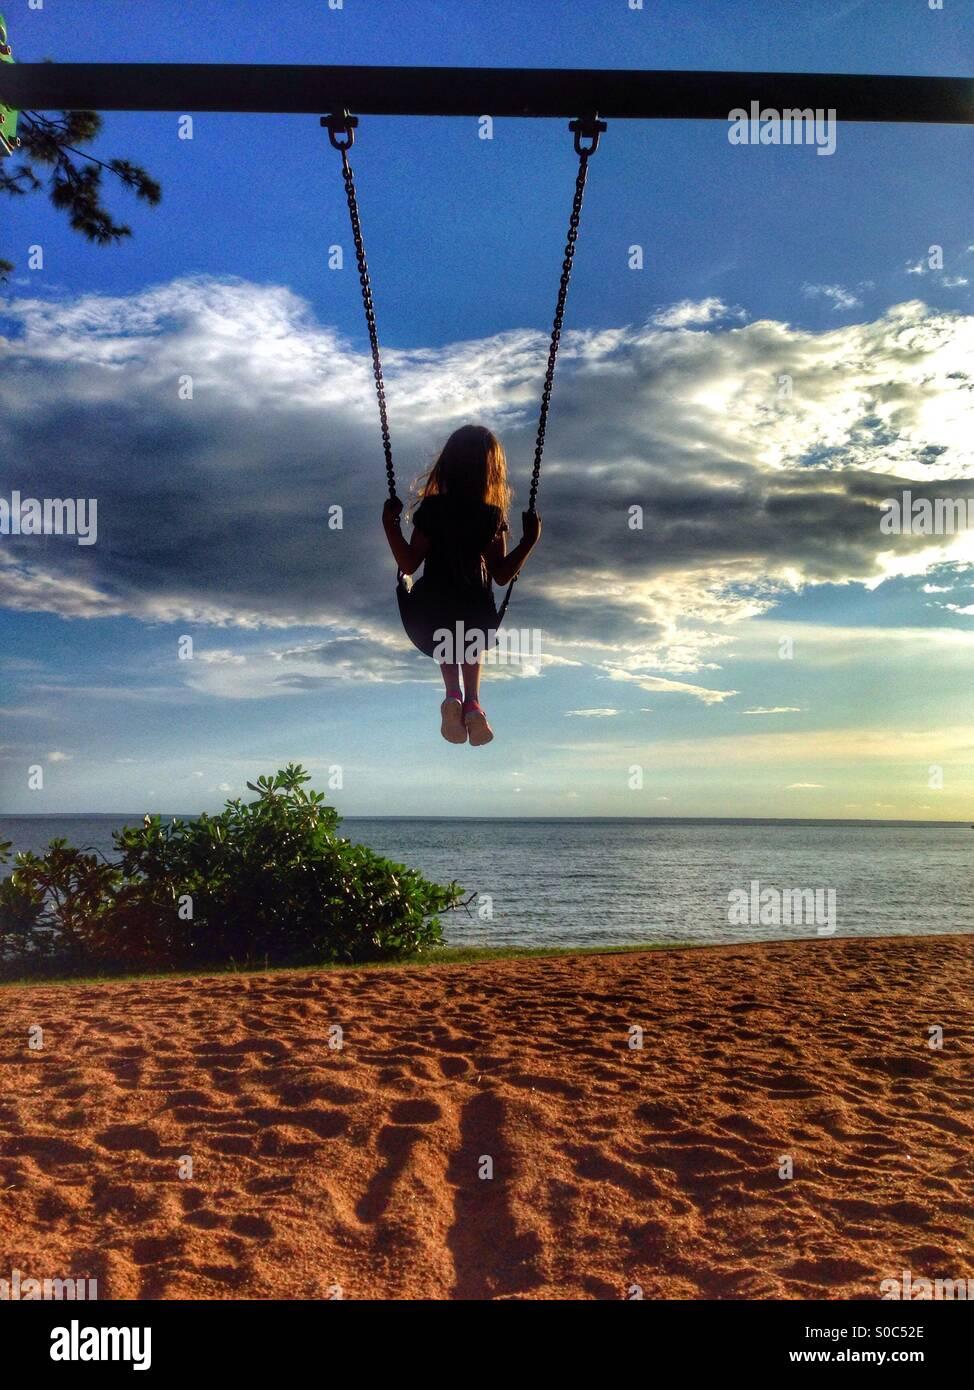 Jeune fille sur une balançoire à la plage. Photo Stock